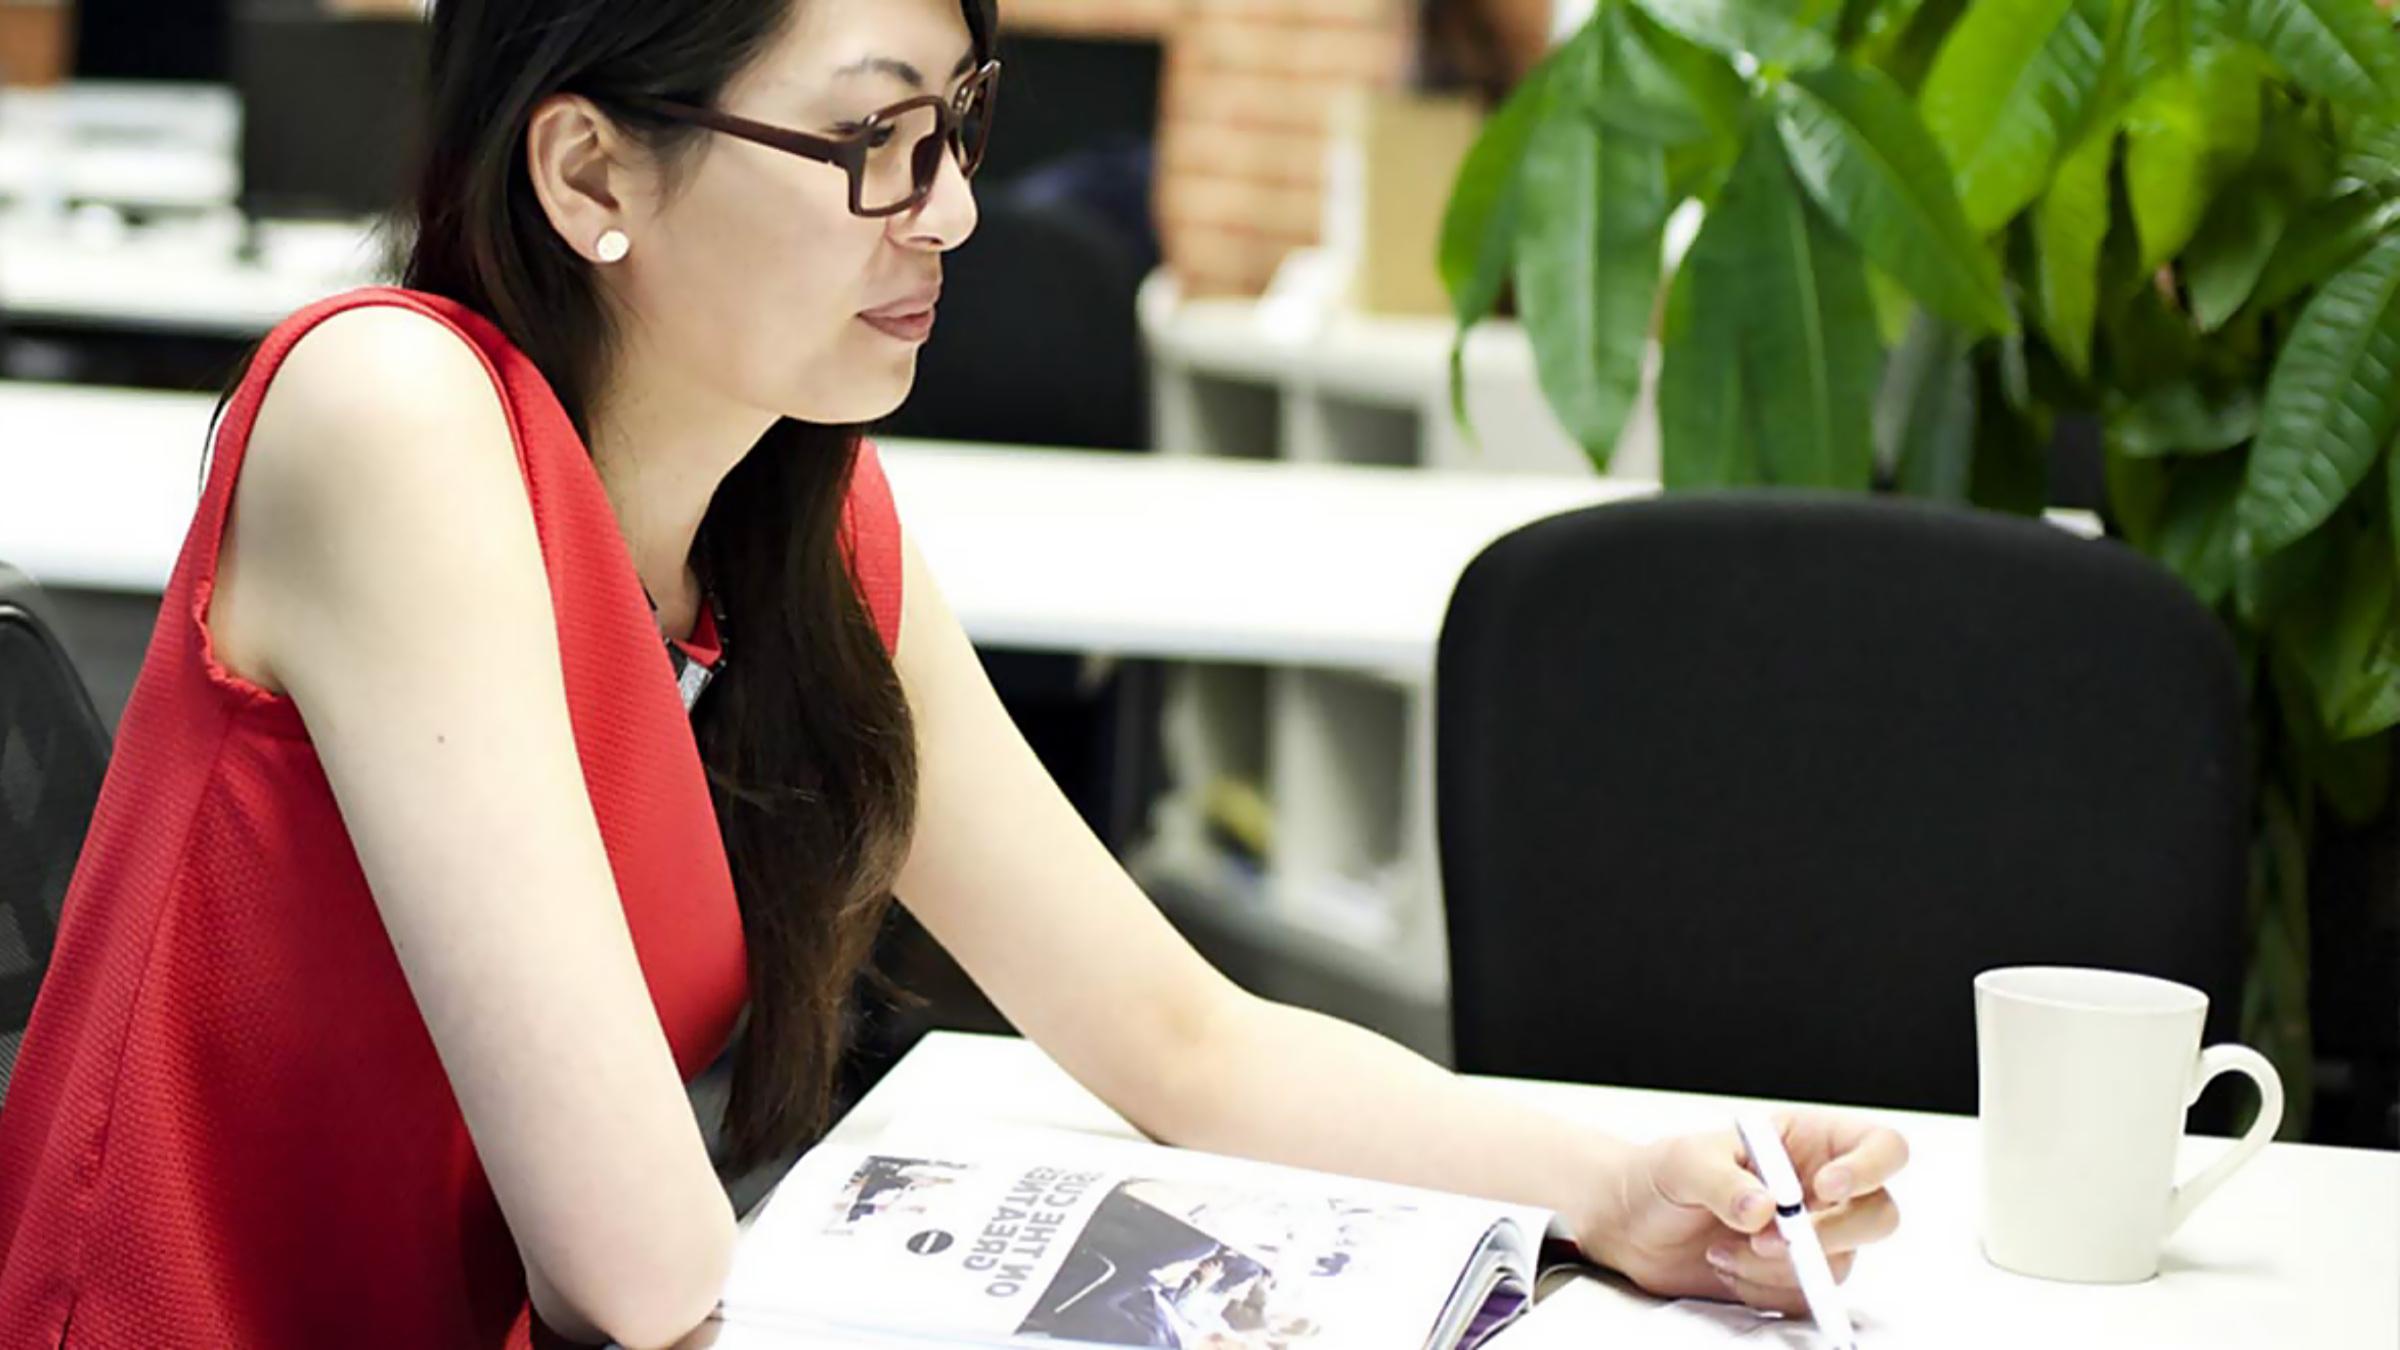 Người phụ nữ đang làm việc ngoài trời trên Surface Book của cô ấy